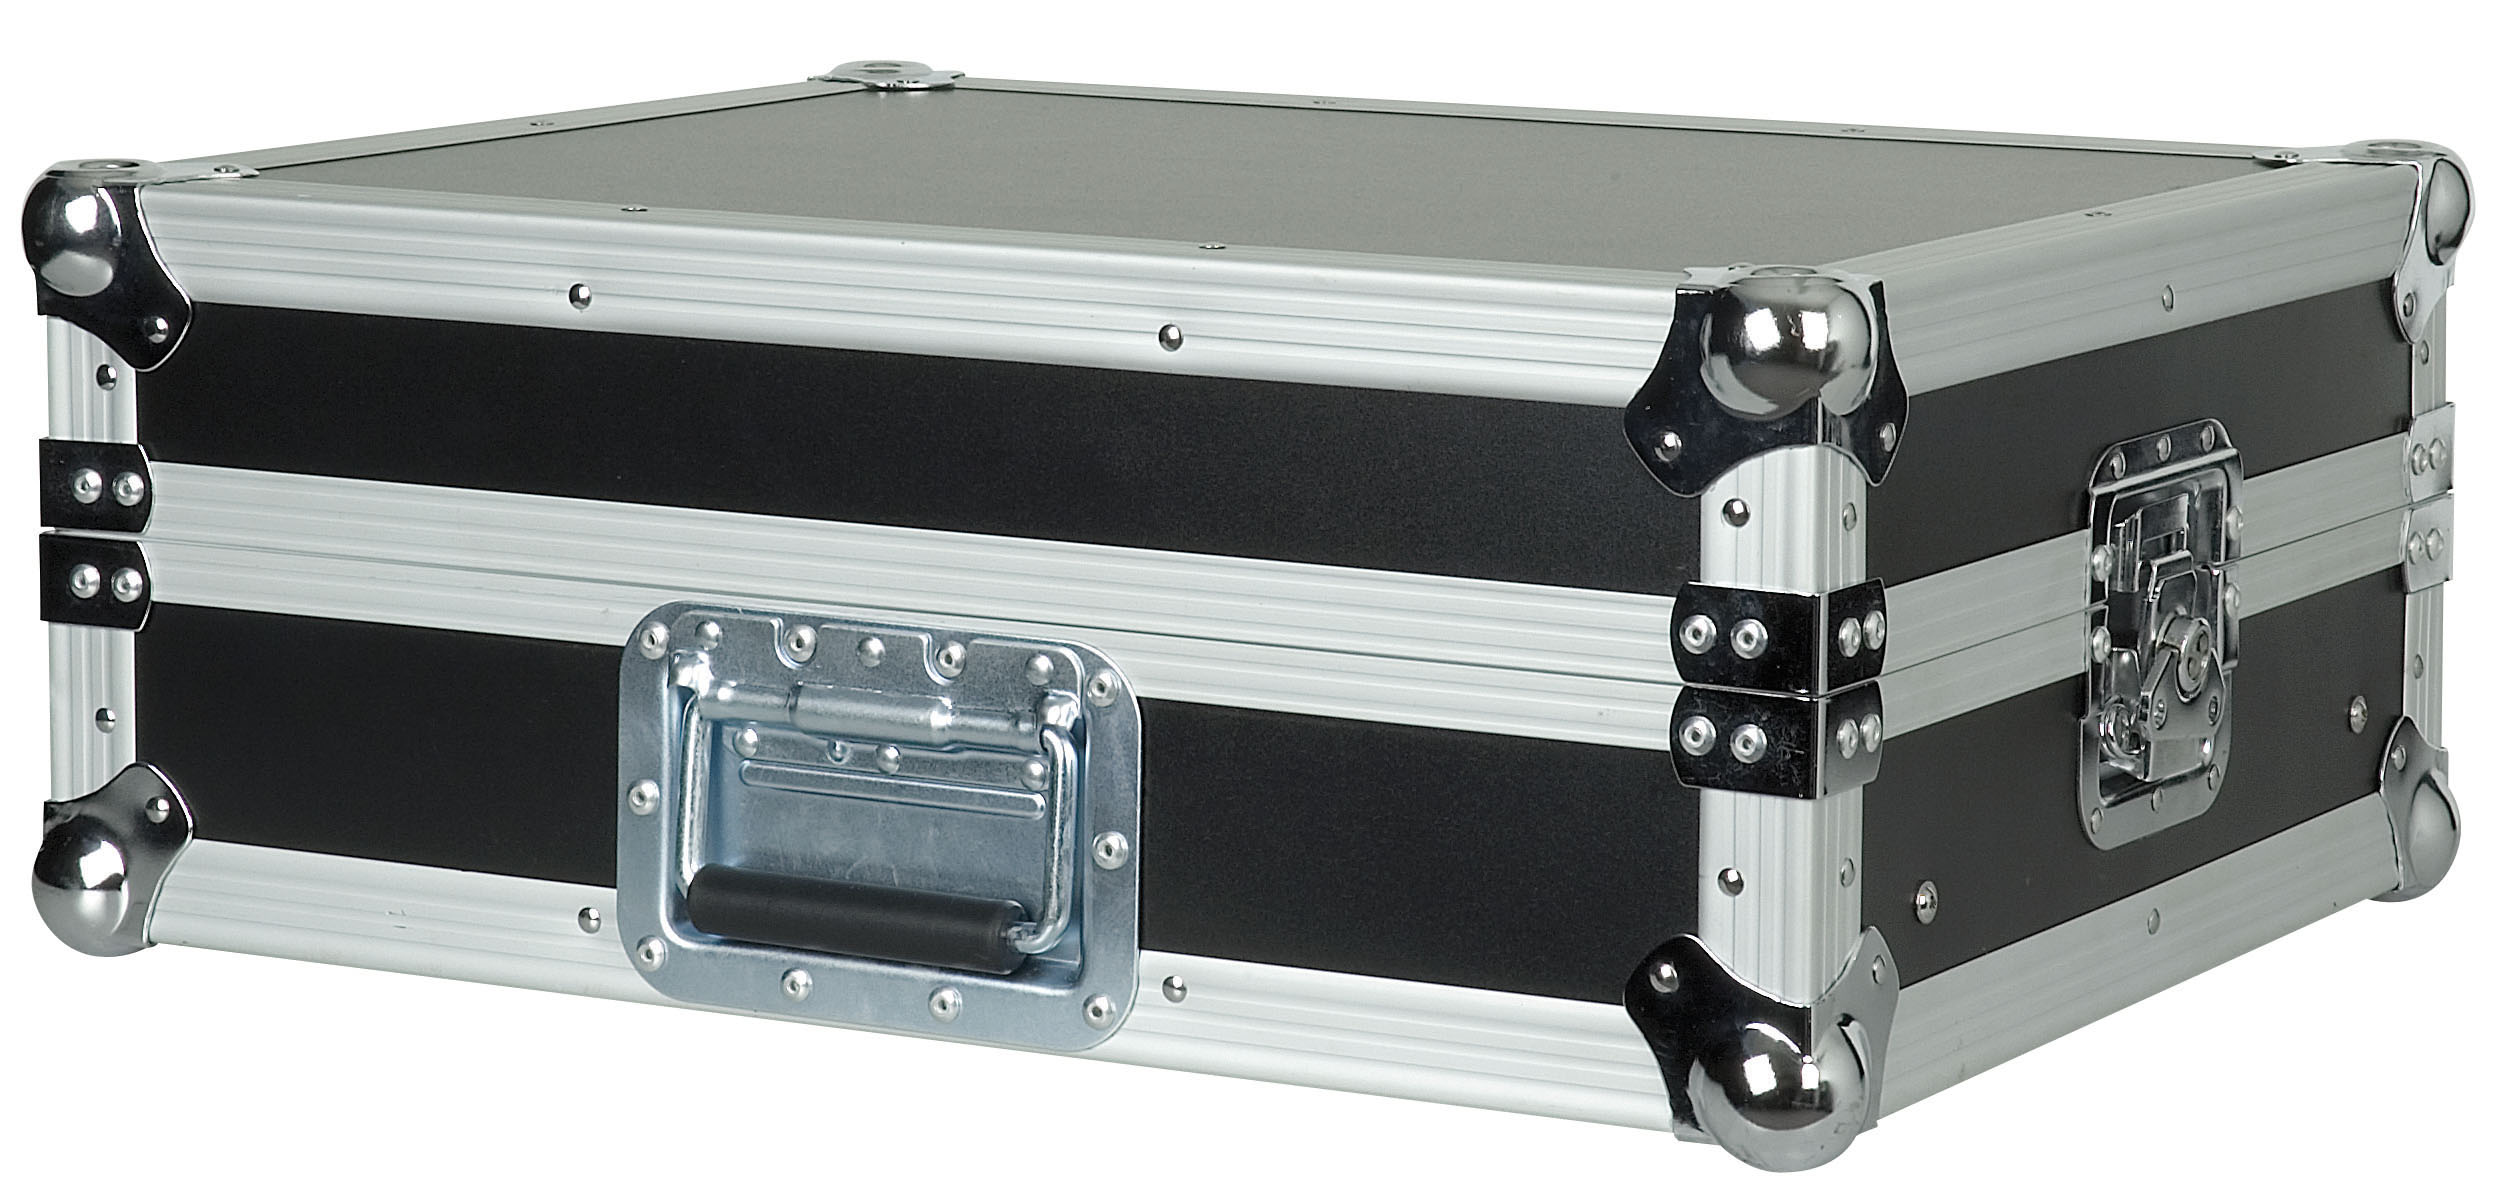 DAP-Audio 19 Mixer Case 8U 239300